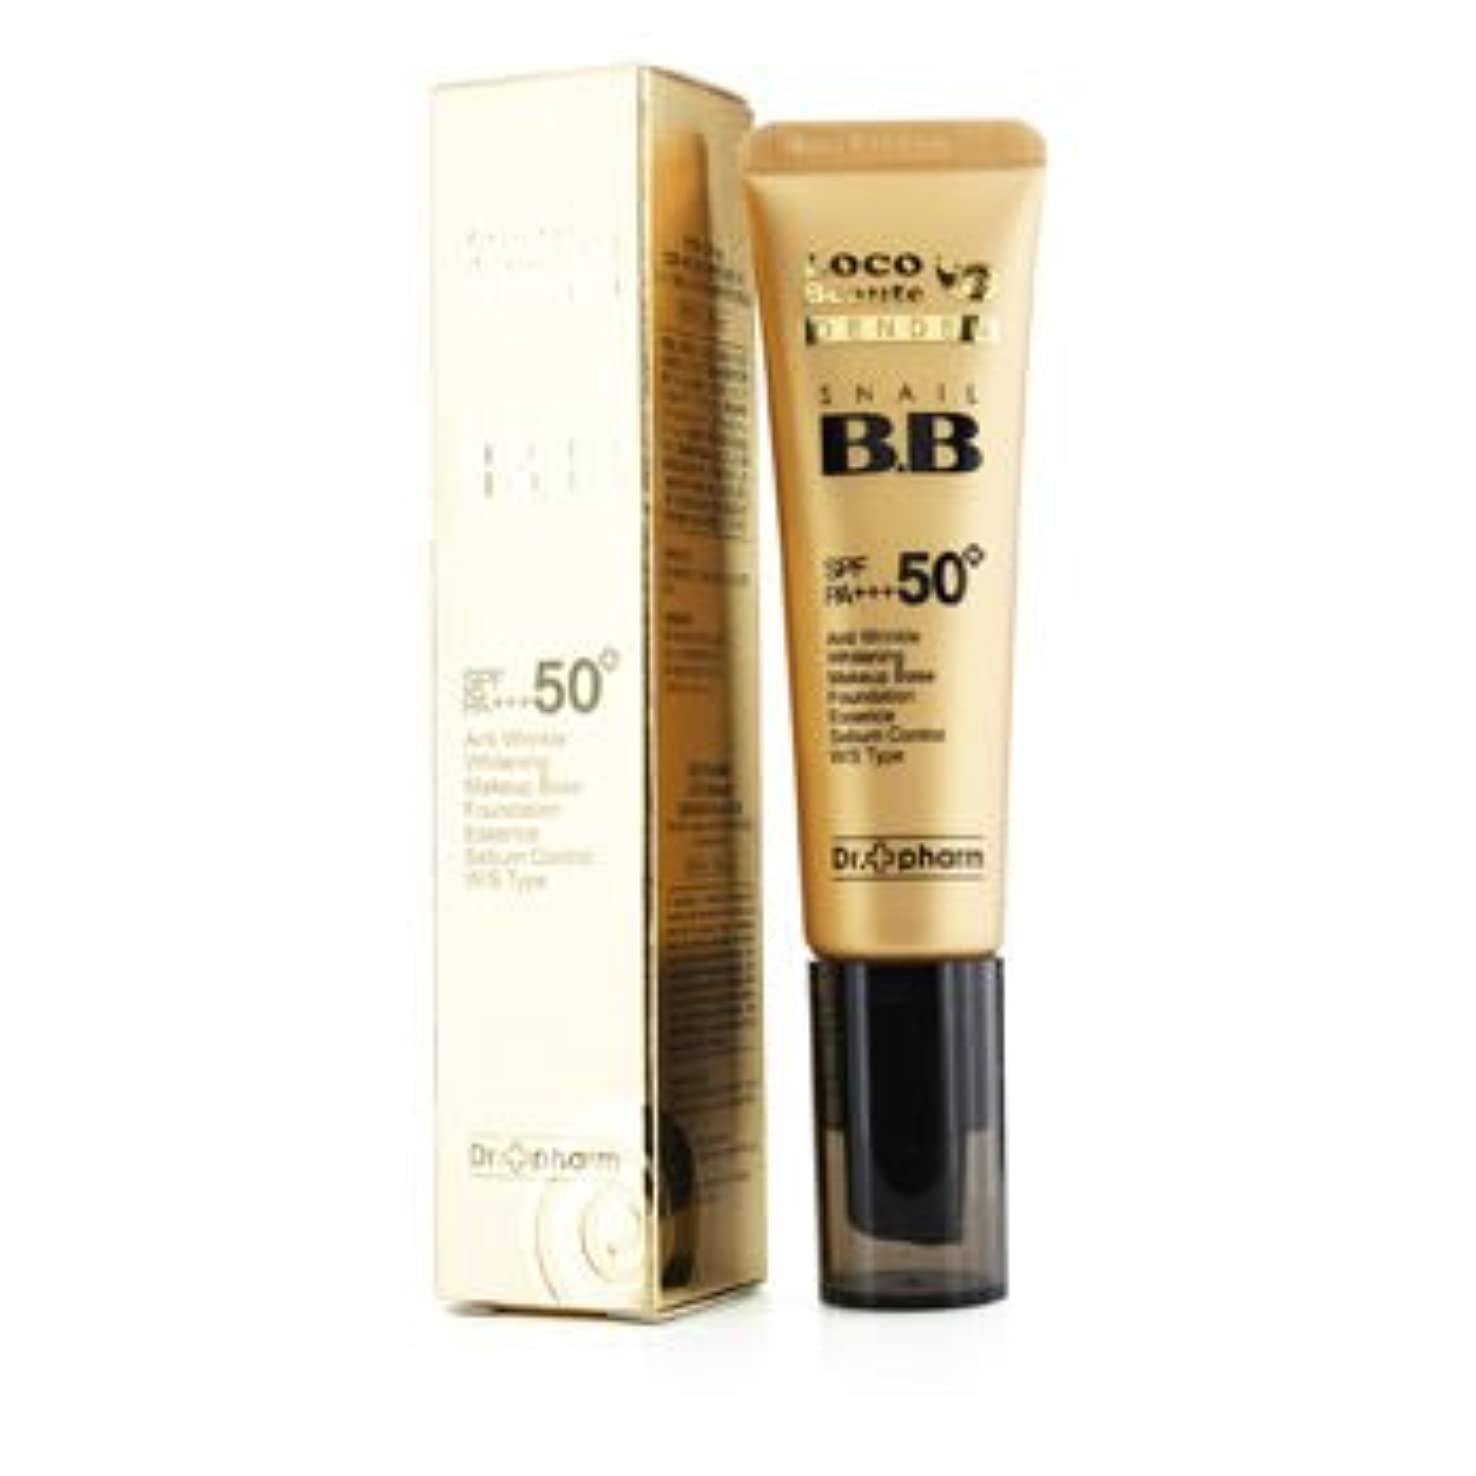 スイング学習者件名Dr. Pharm LOCO Beaute DenDen Snail BB Cream SPF5030ml/1oz並行輸入品